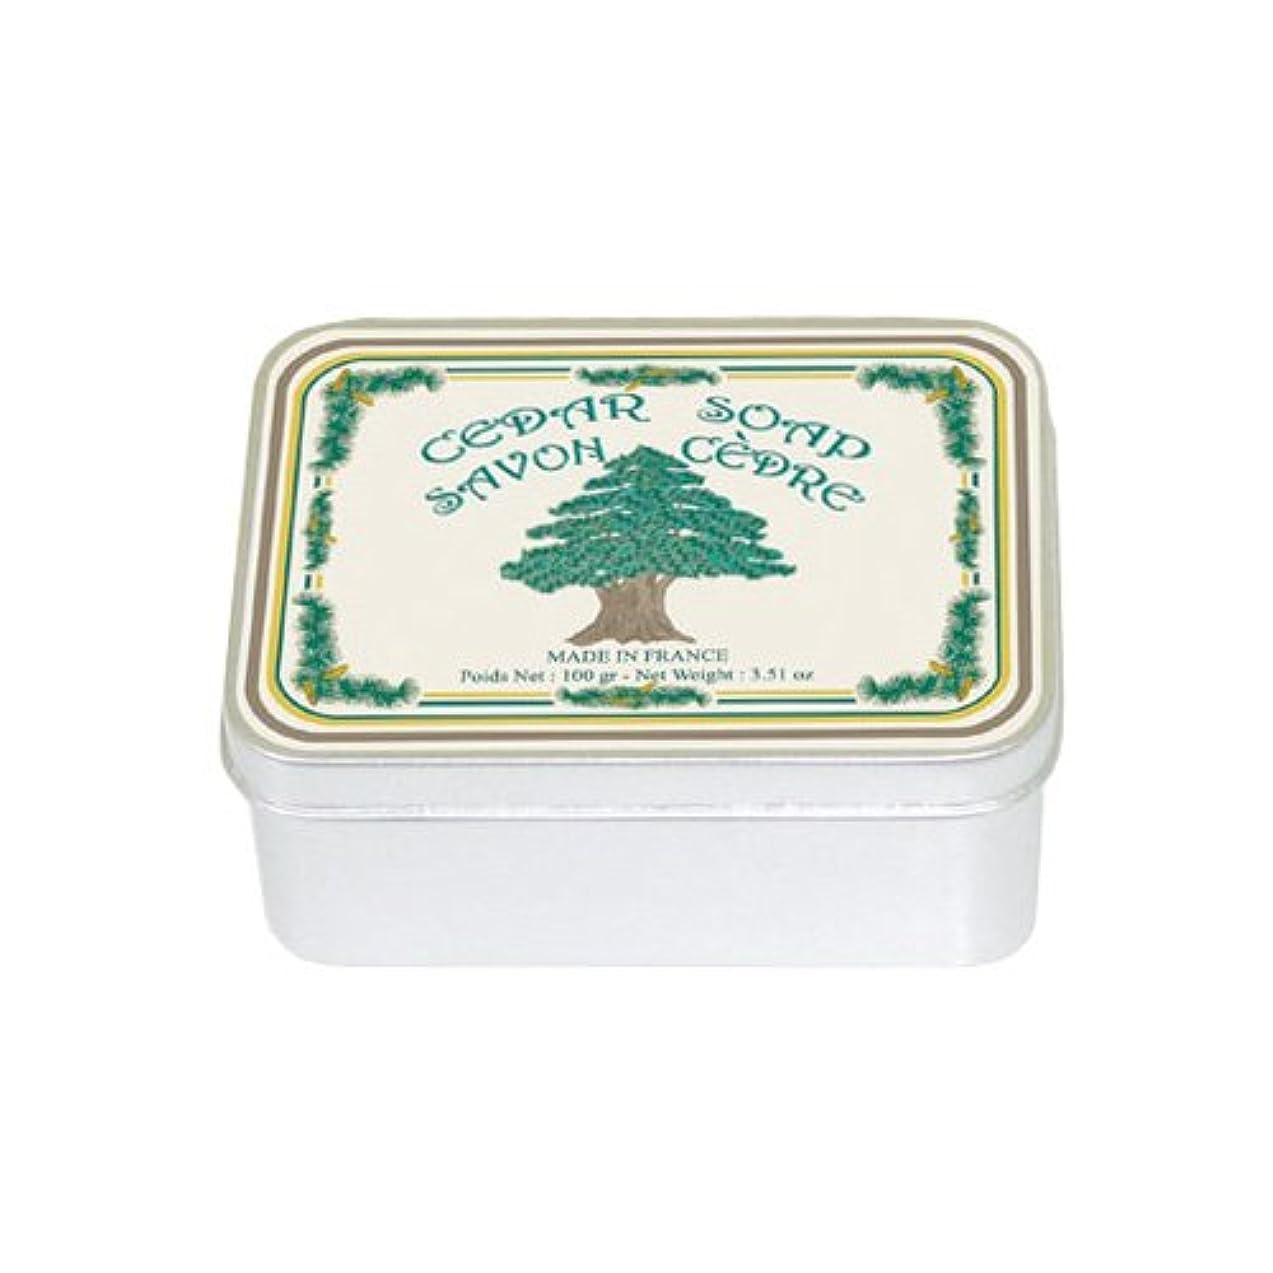 上下するピービッシュスキャンダラスルブランソープ メタルボックス(シダーウッドの香り)石鹸